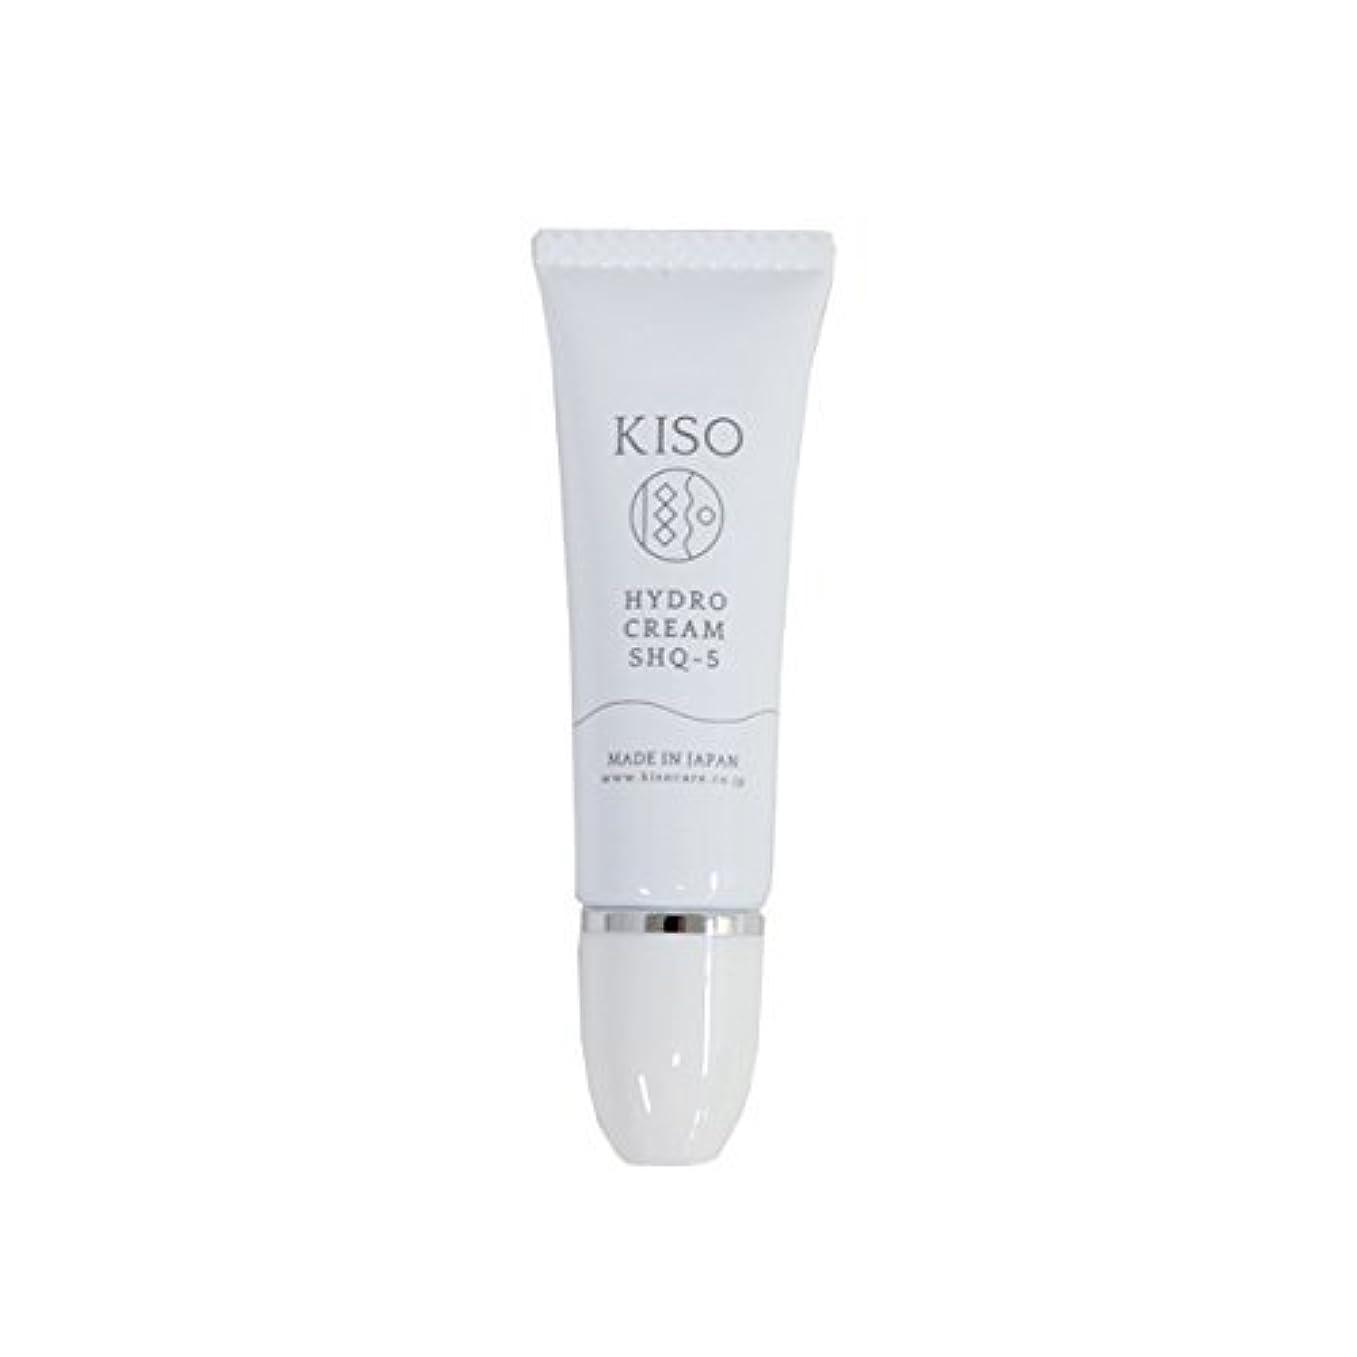 シリンダーフィラデルフィア胆嚢KISO 安定型 ハイドロキノン 5%配合【ハイドロ クリーム SHQ-5 10g】スキンケアで肌を整えた後にちょこっとケア 日本製